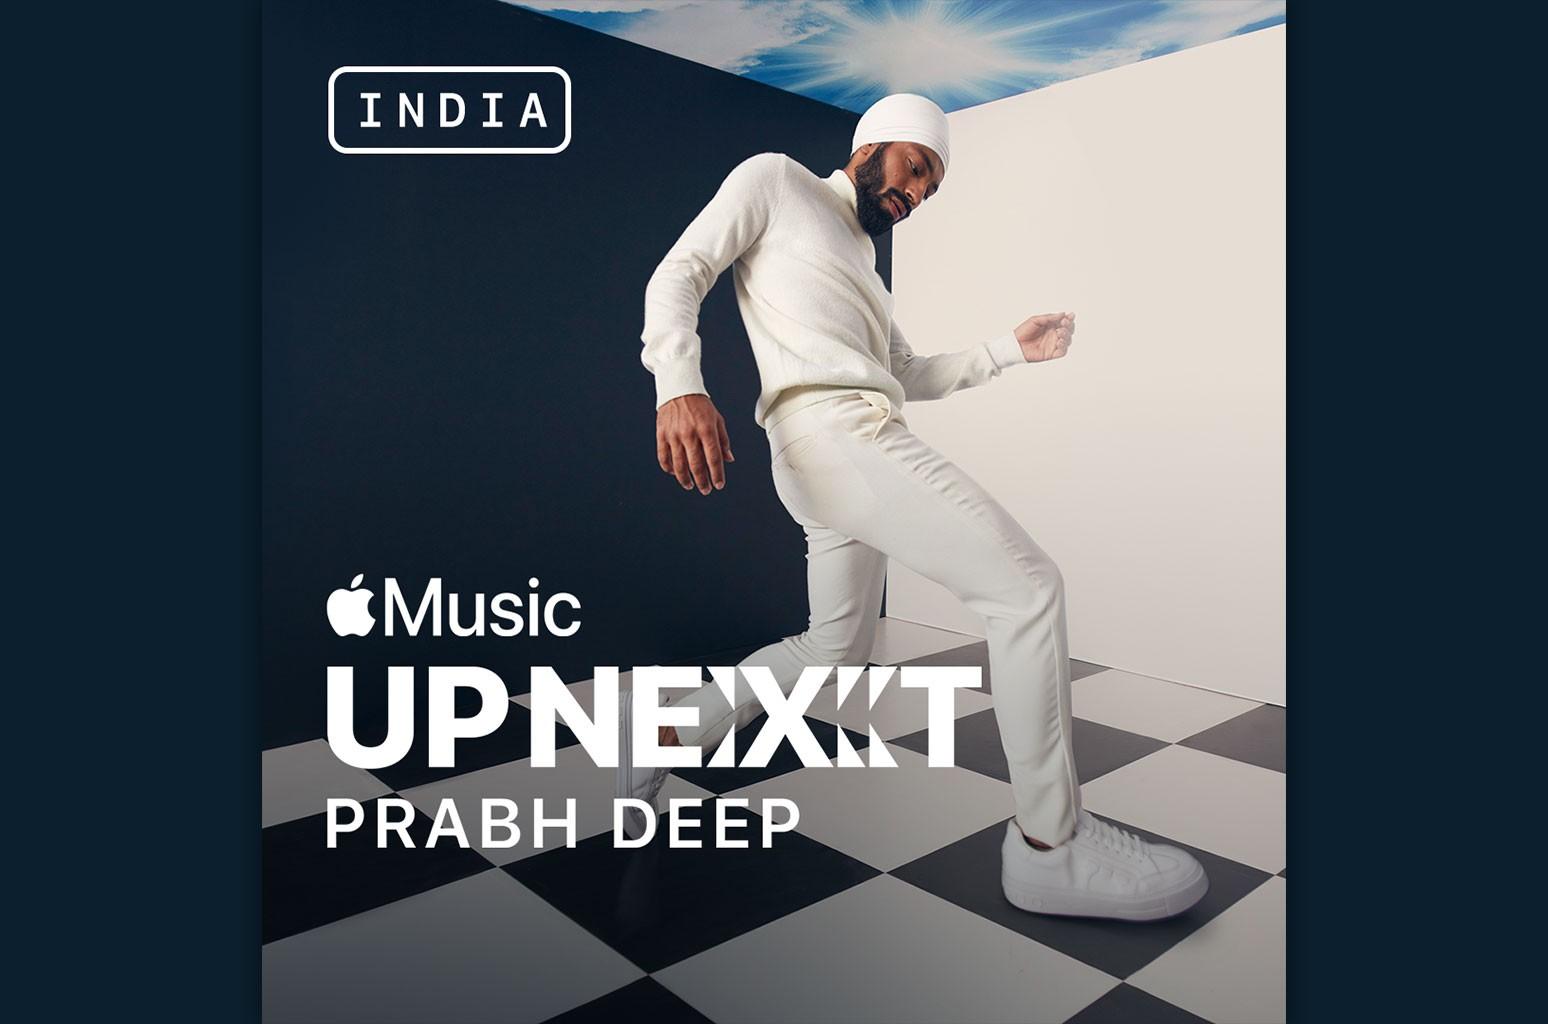 Prabh Deep